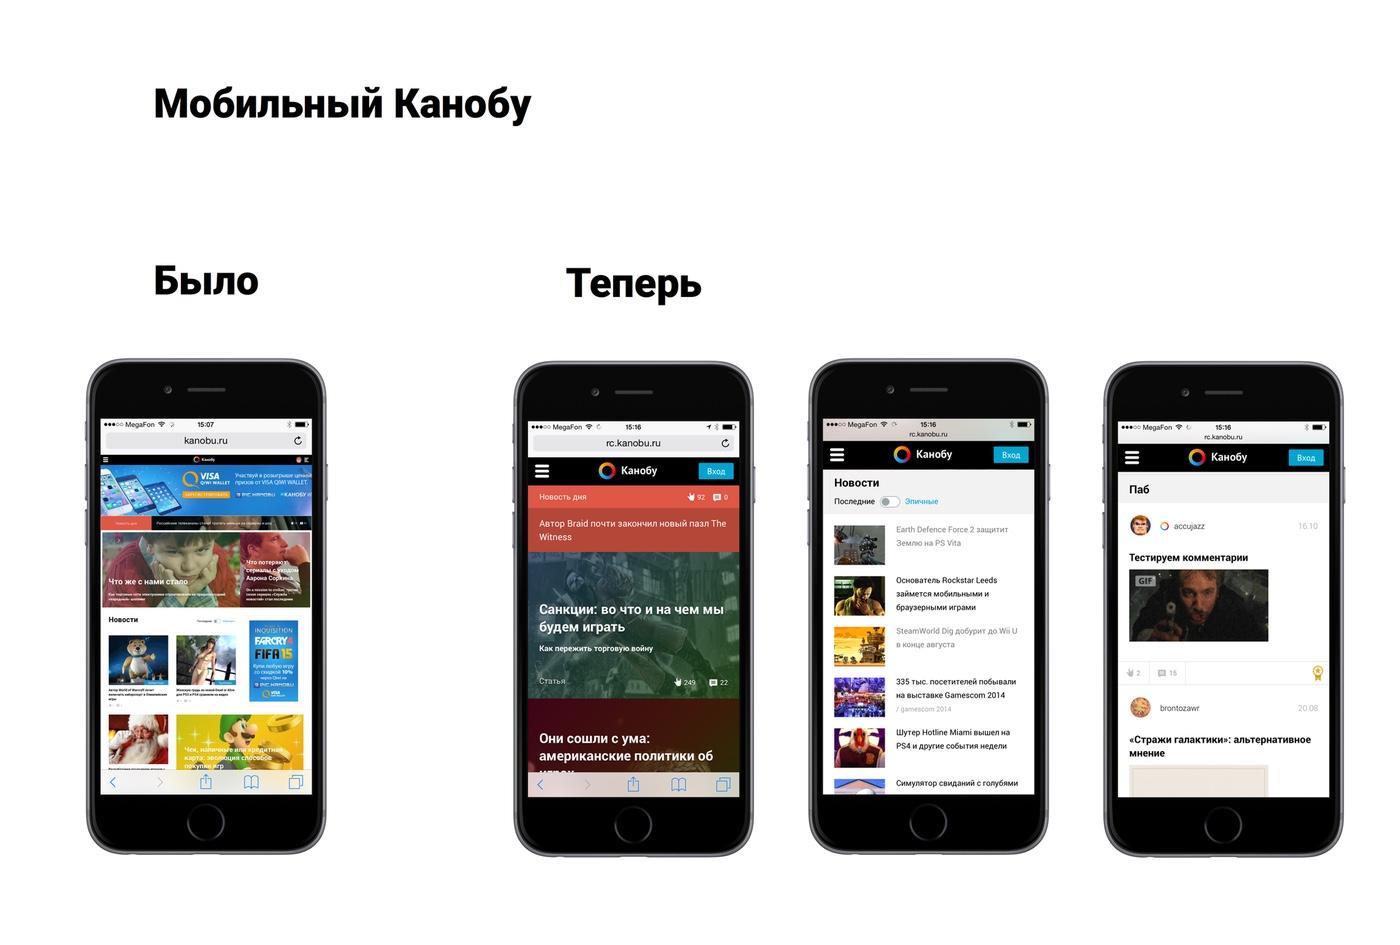 Адаптивная версия главной страницы и Паба «Канобу» - Изображение 1